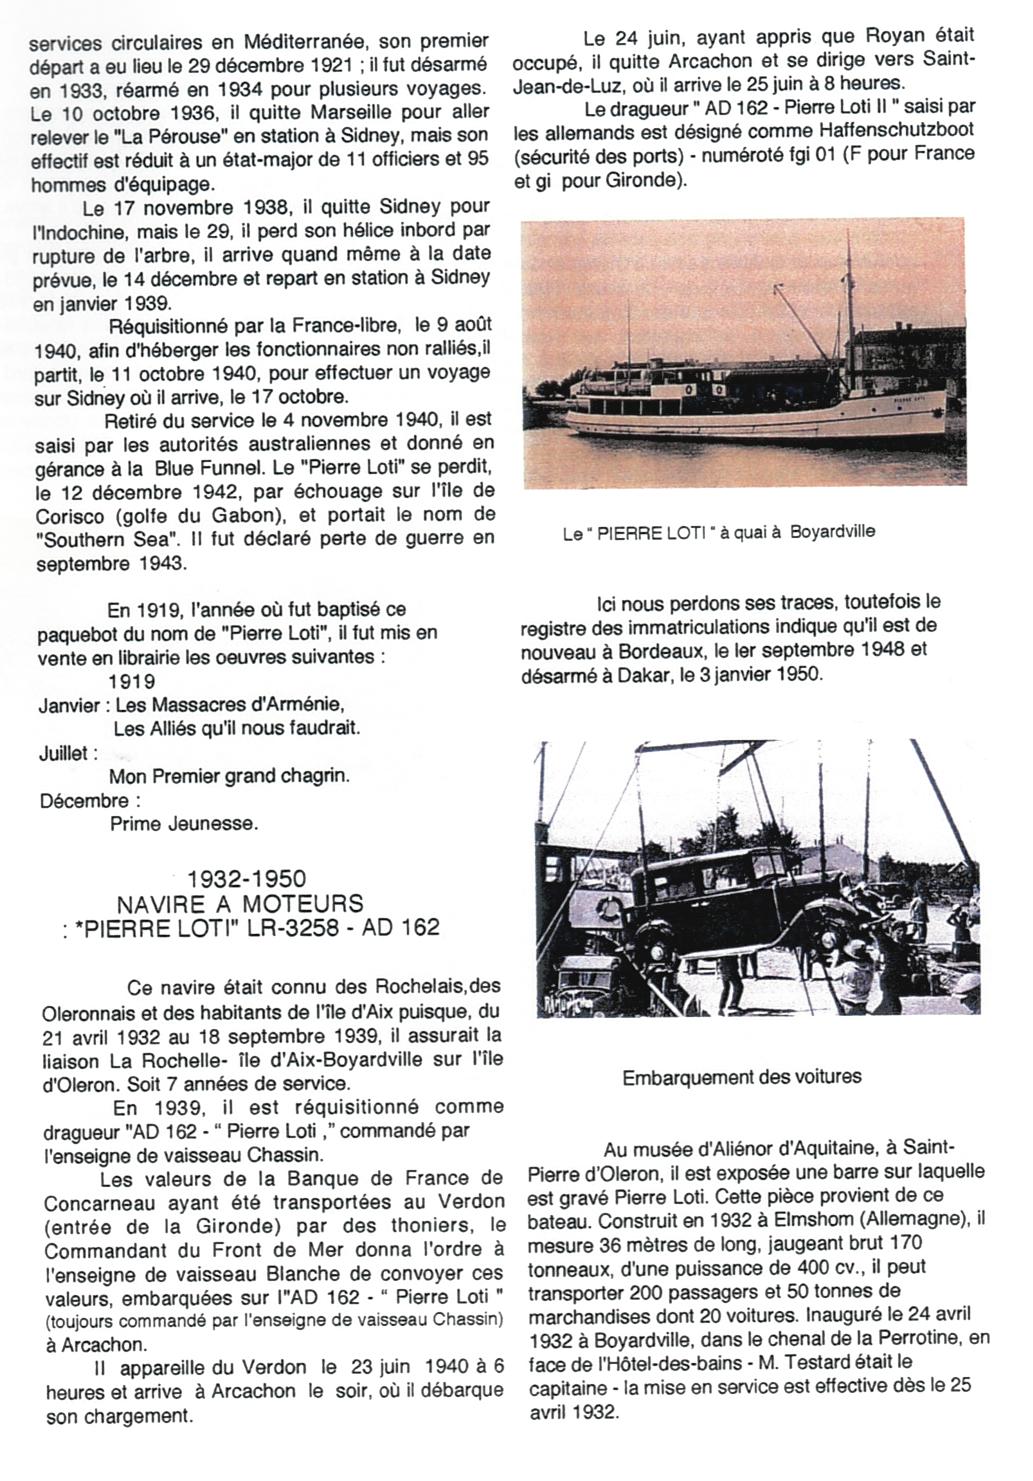 4-Bateaux et canots baptisés Pierre Loti - Jean Nonin